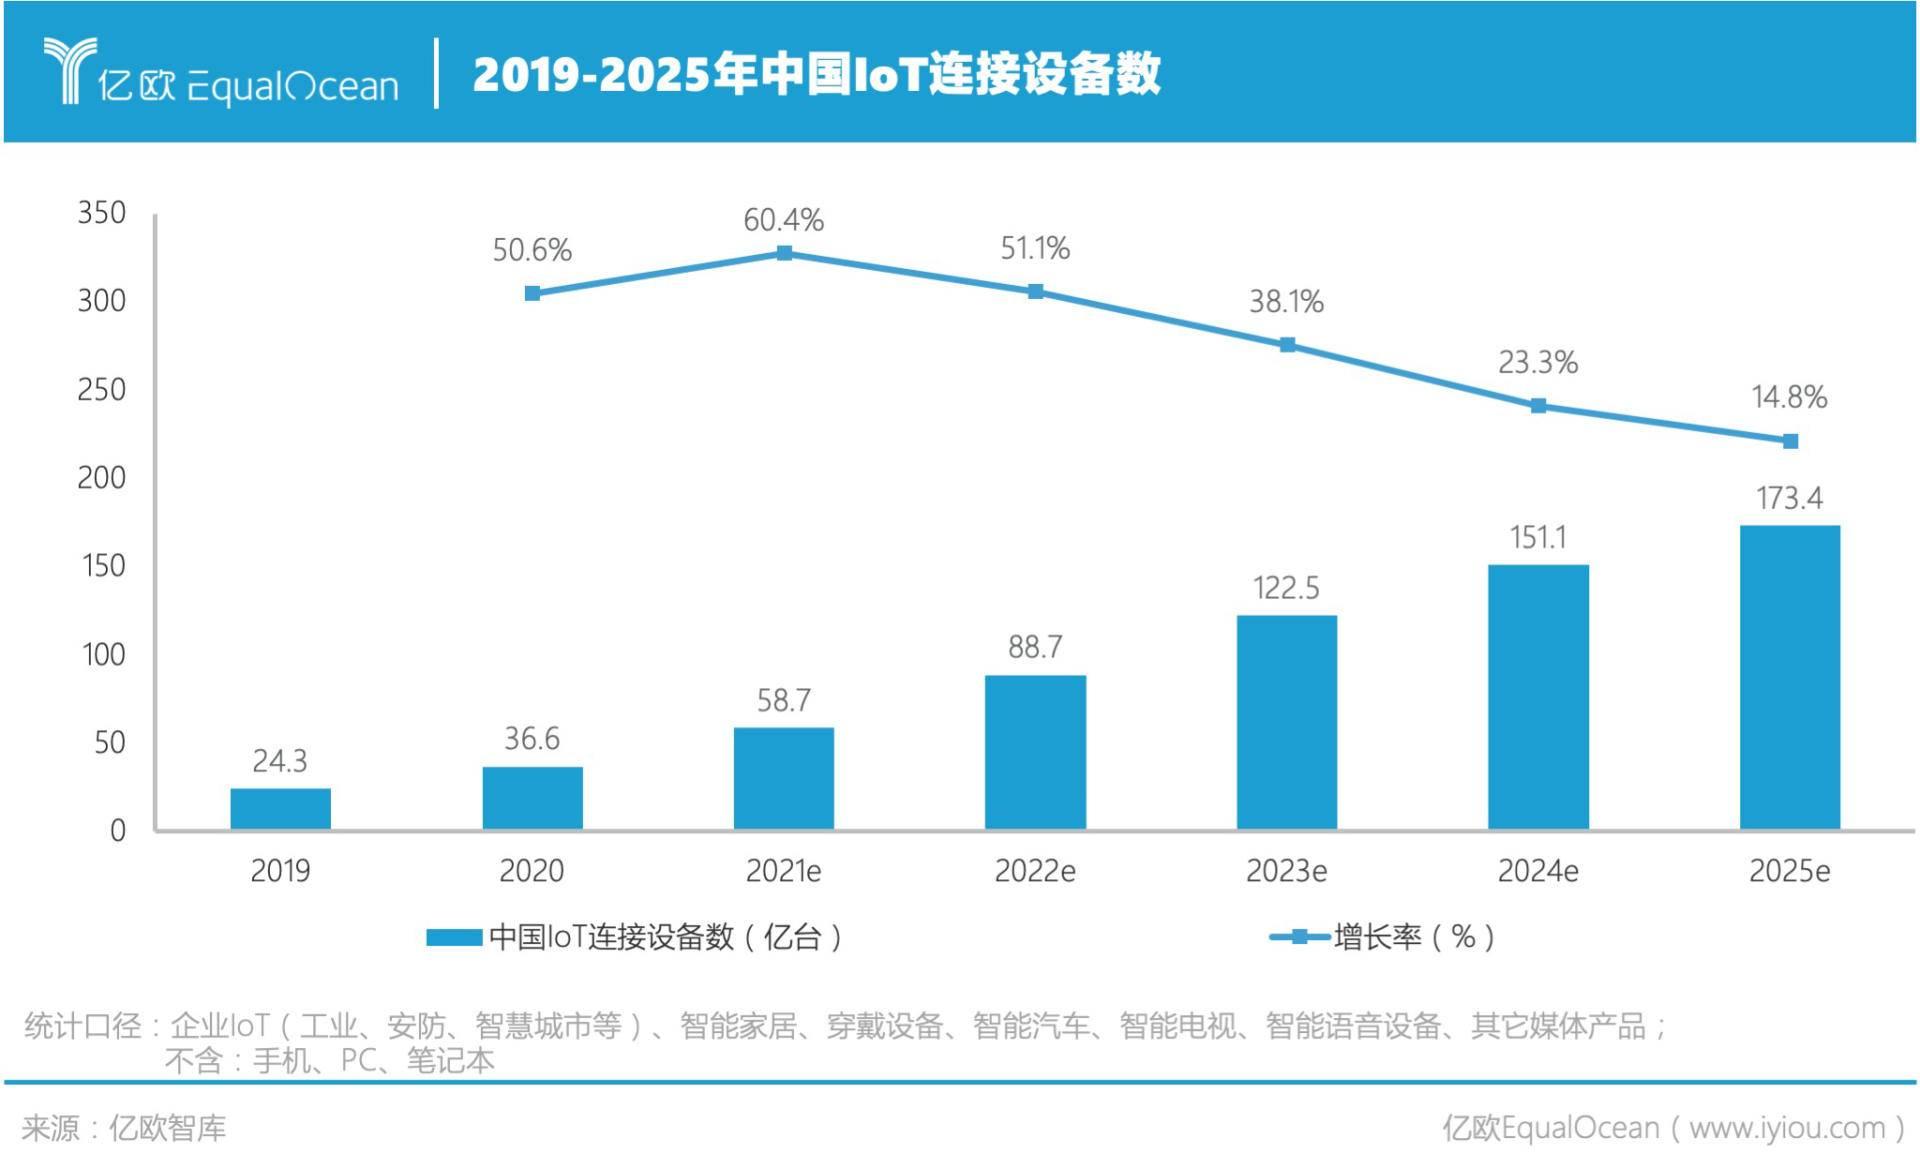 中国IoT连接设备数 (2019-2025).jpg.jpg